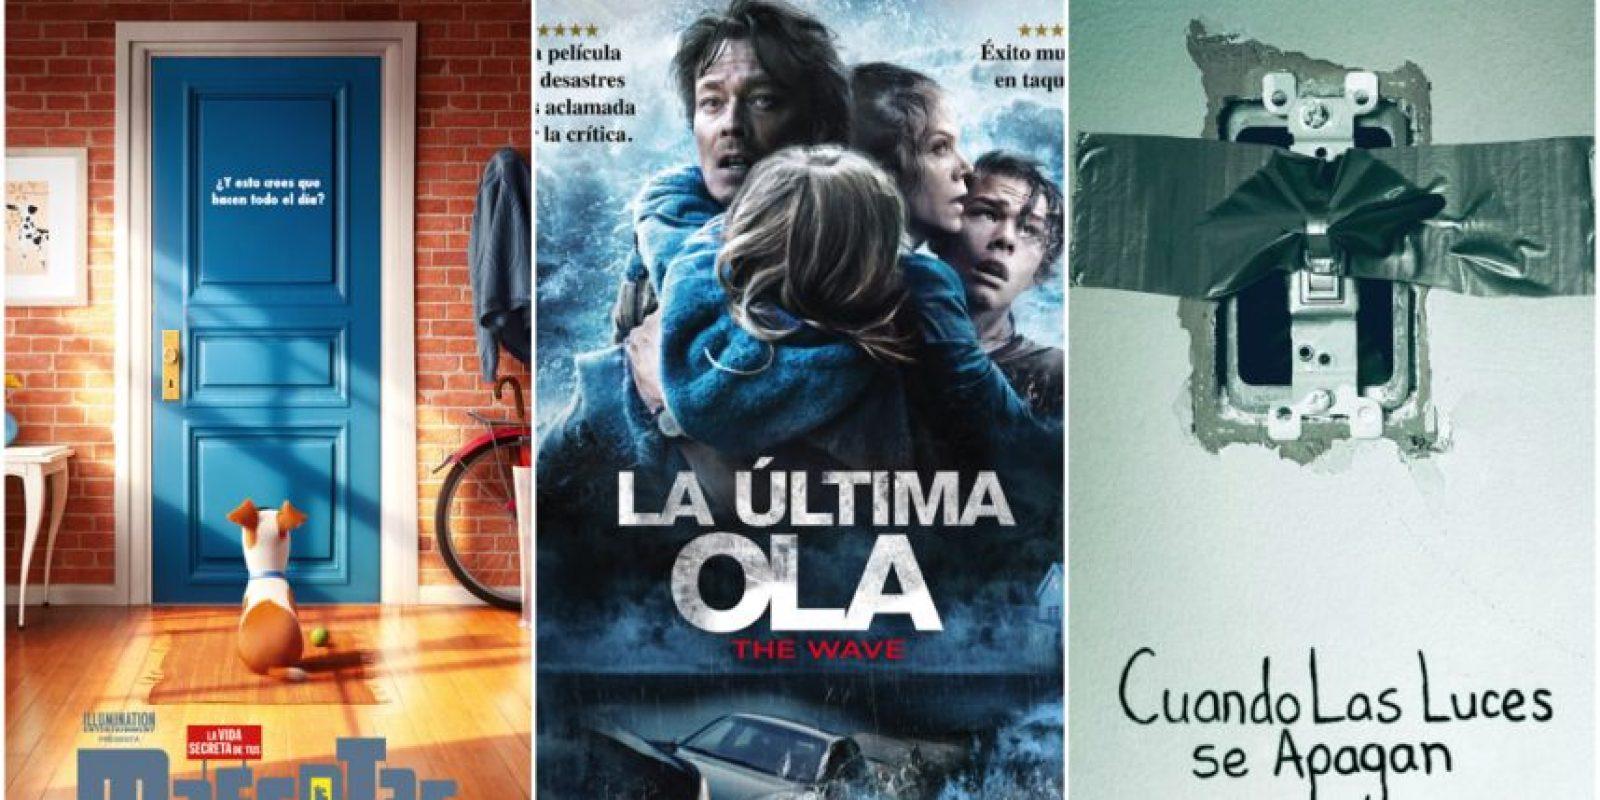 Llega a los cines de México: La vida secreta de tus mascotas, La última ola y Cuando las luces se apagan